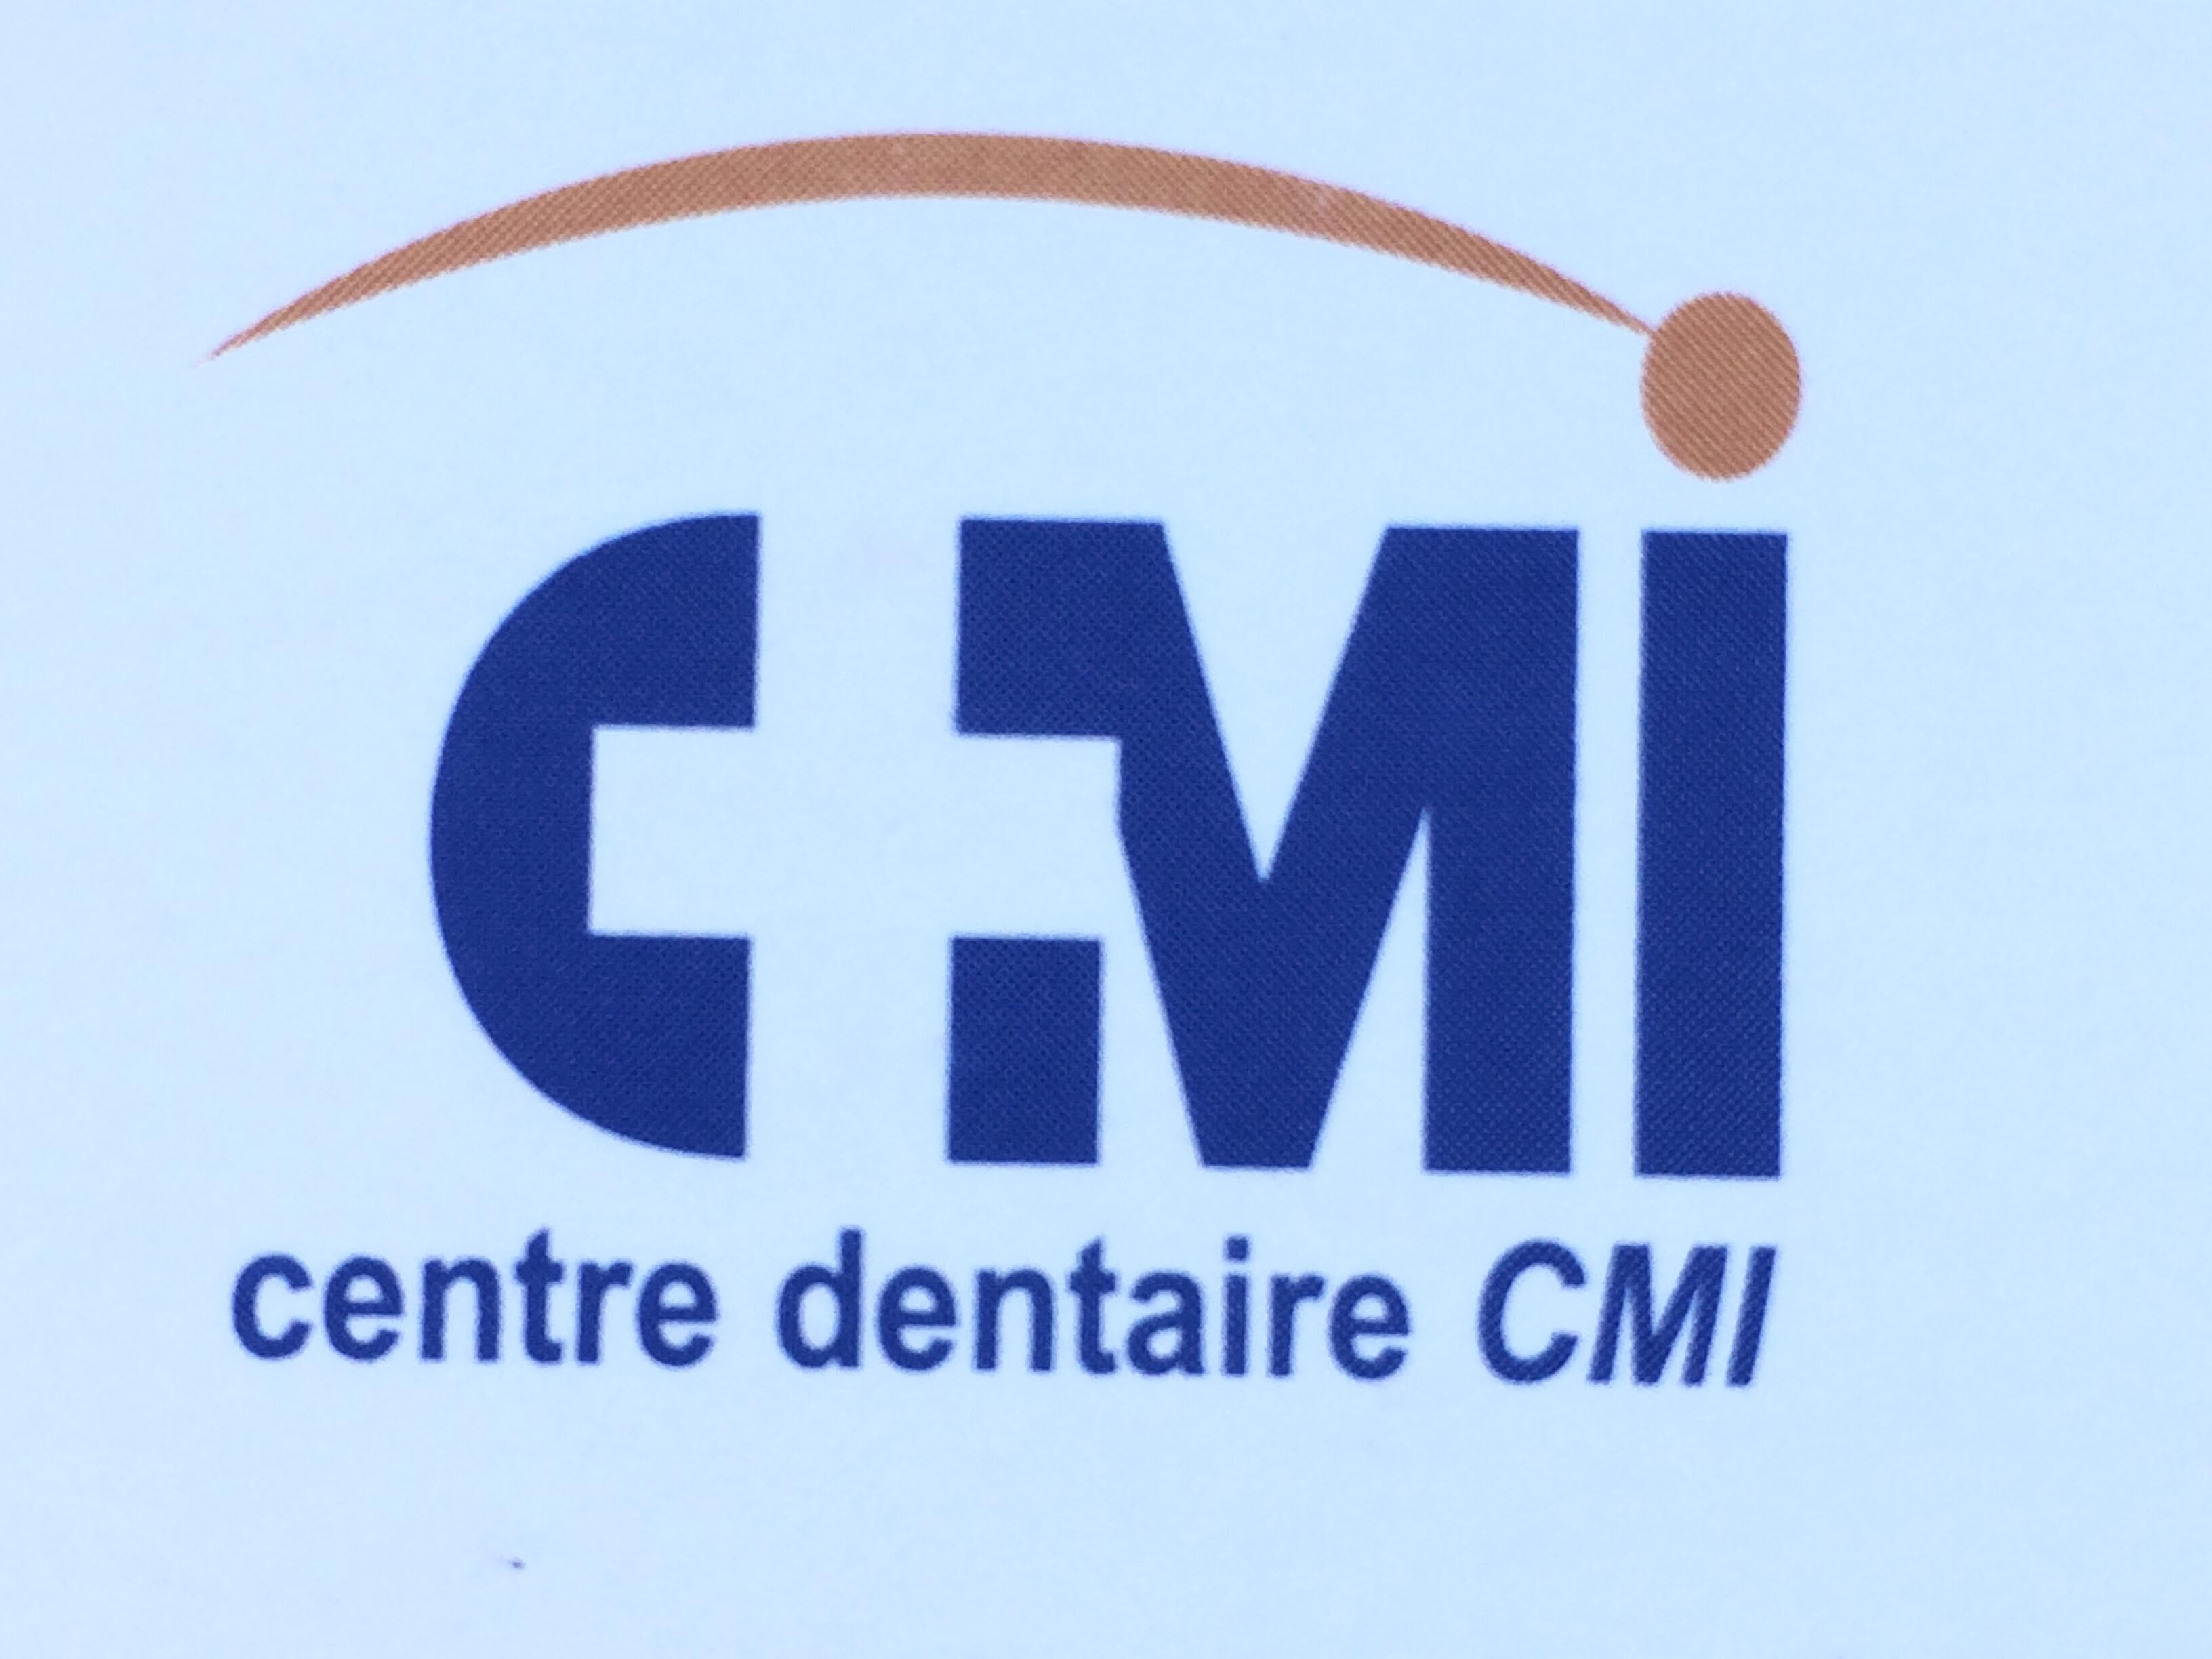 Centre Dentaire CMI - Thao Deo, DMD - Dentist